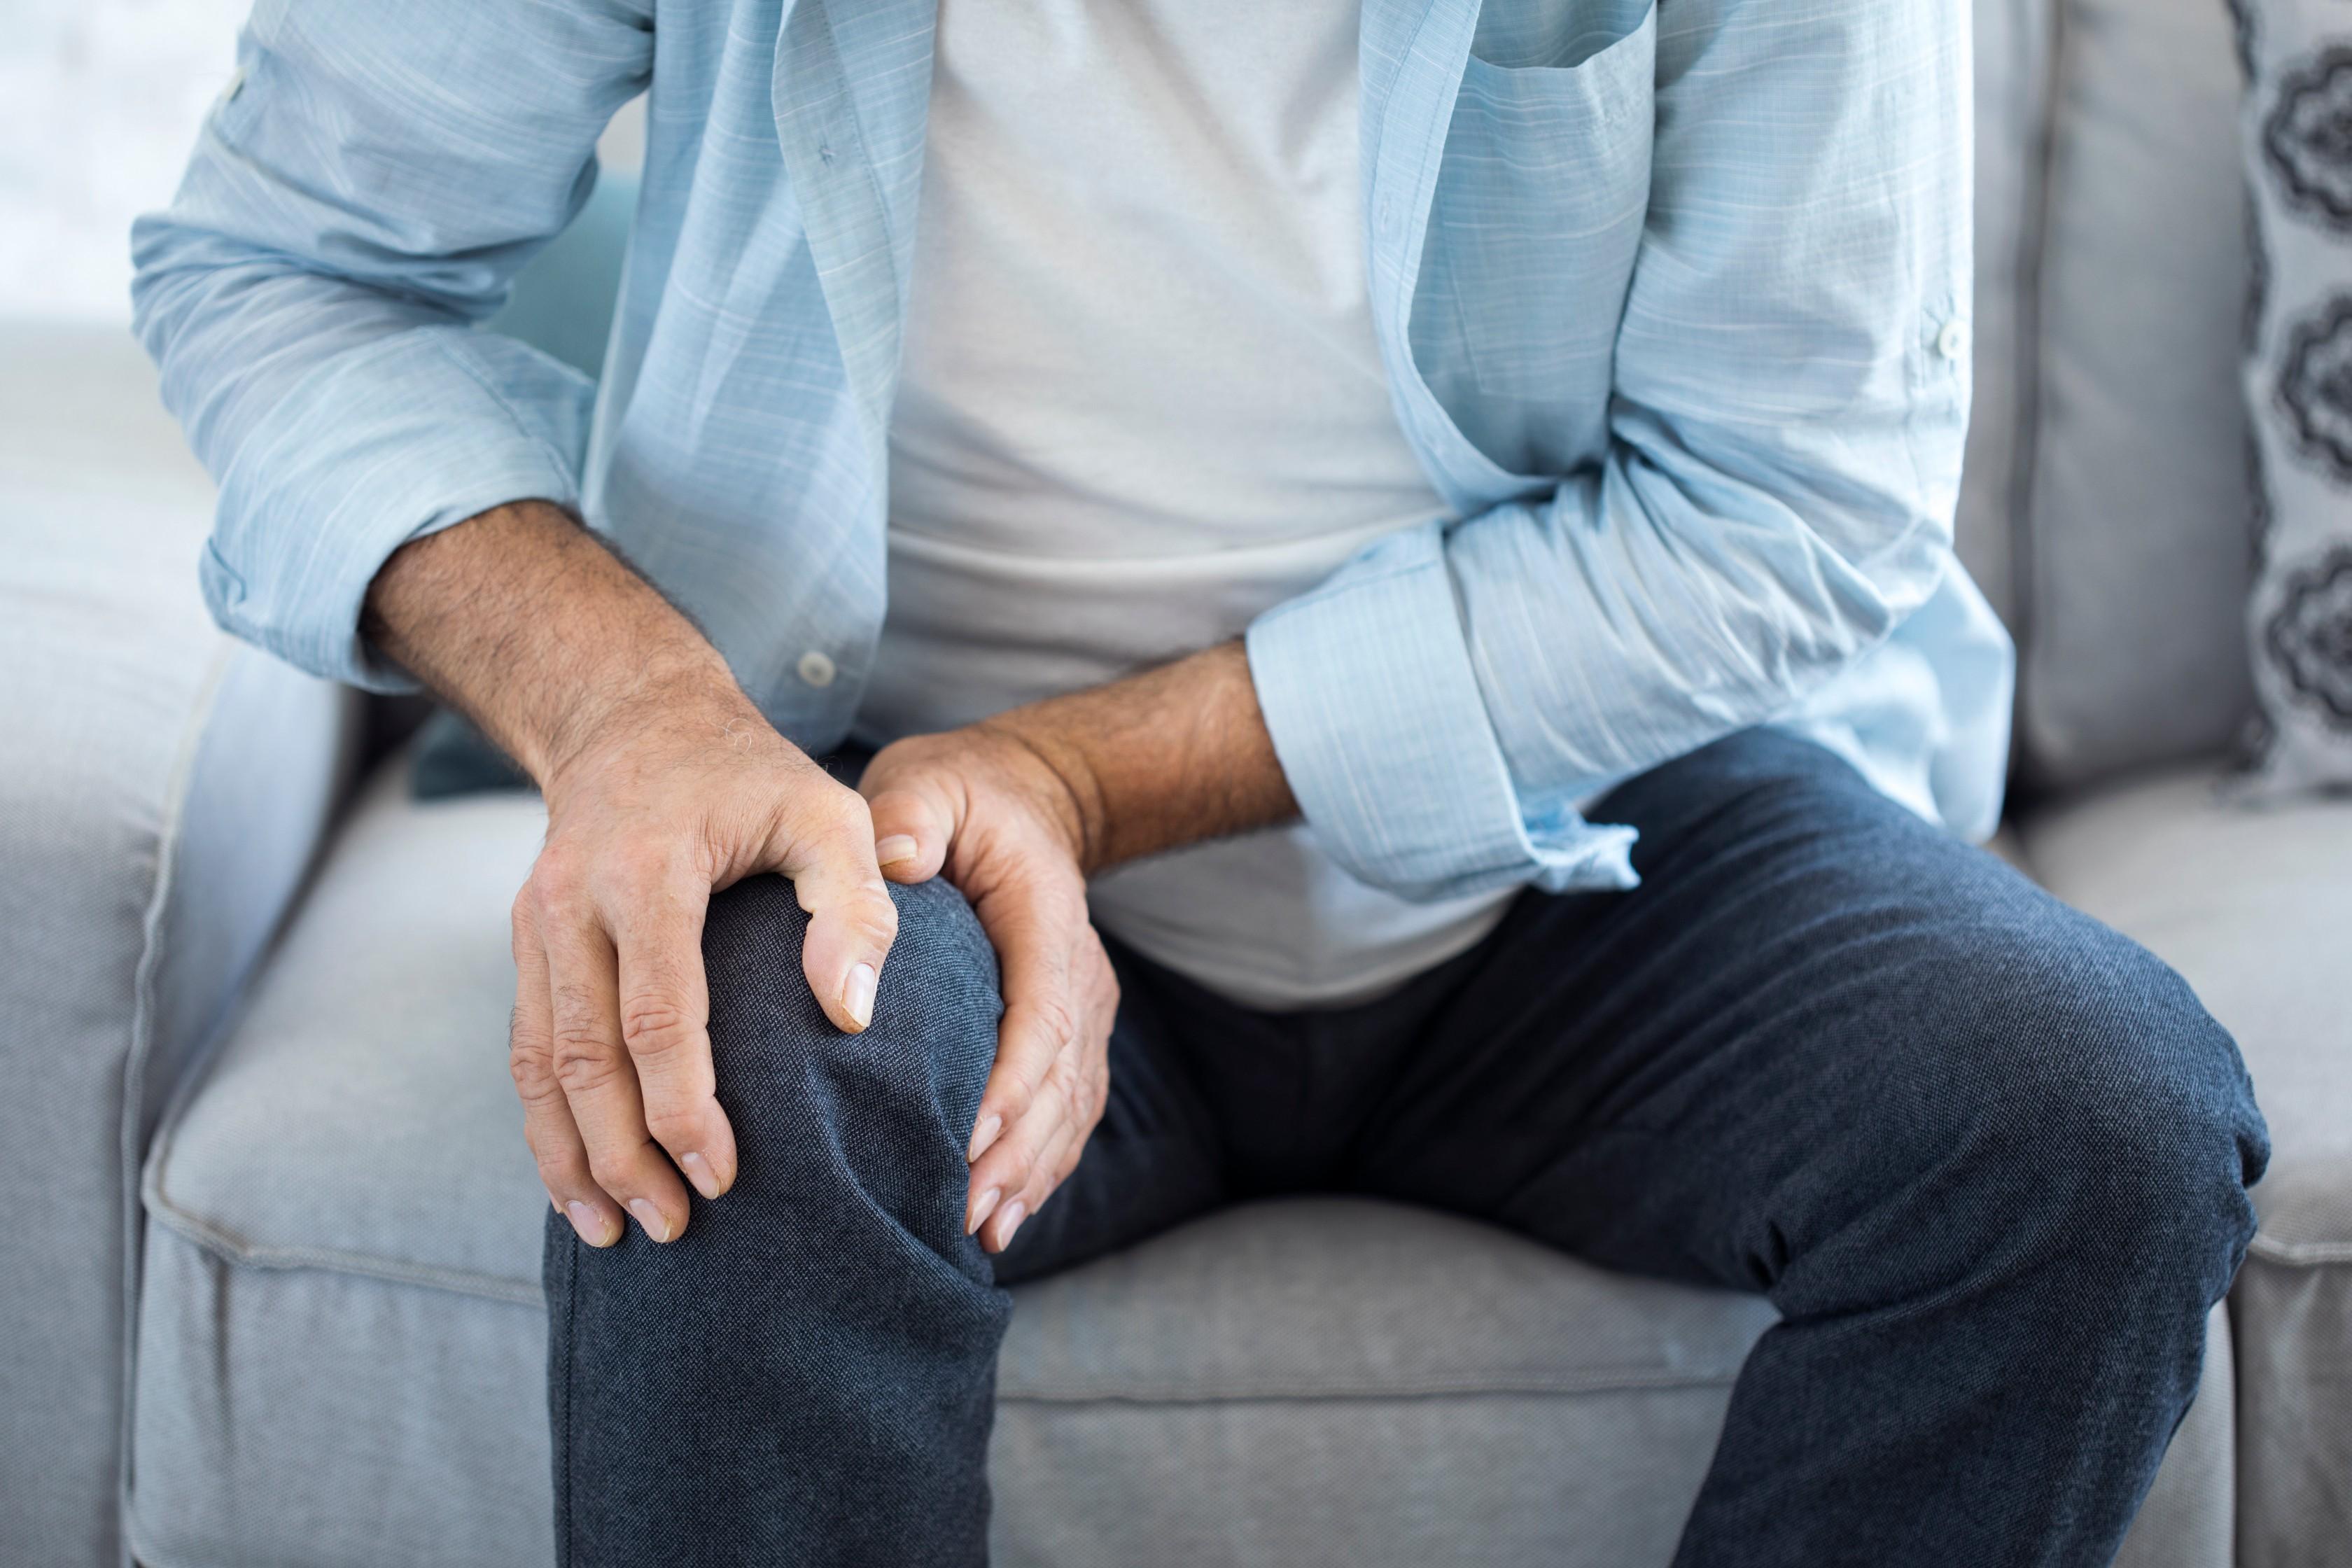 ízületi fájdalom kezelése kompresszorokkal